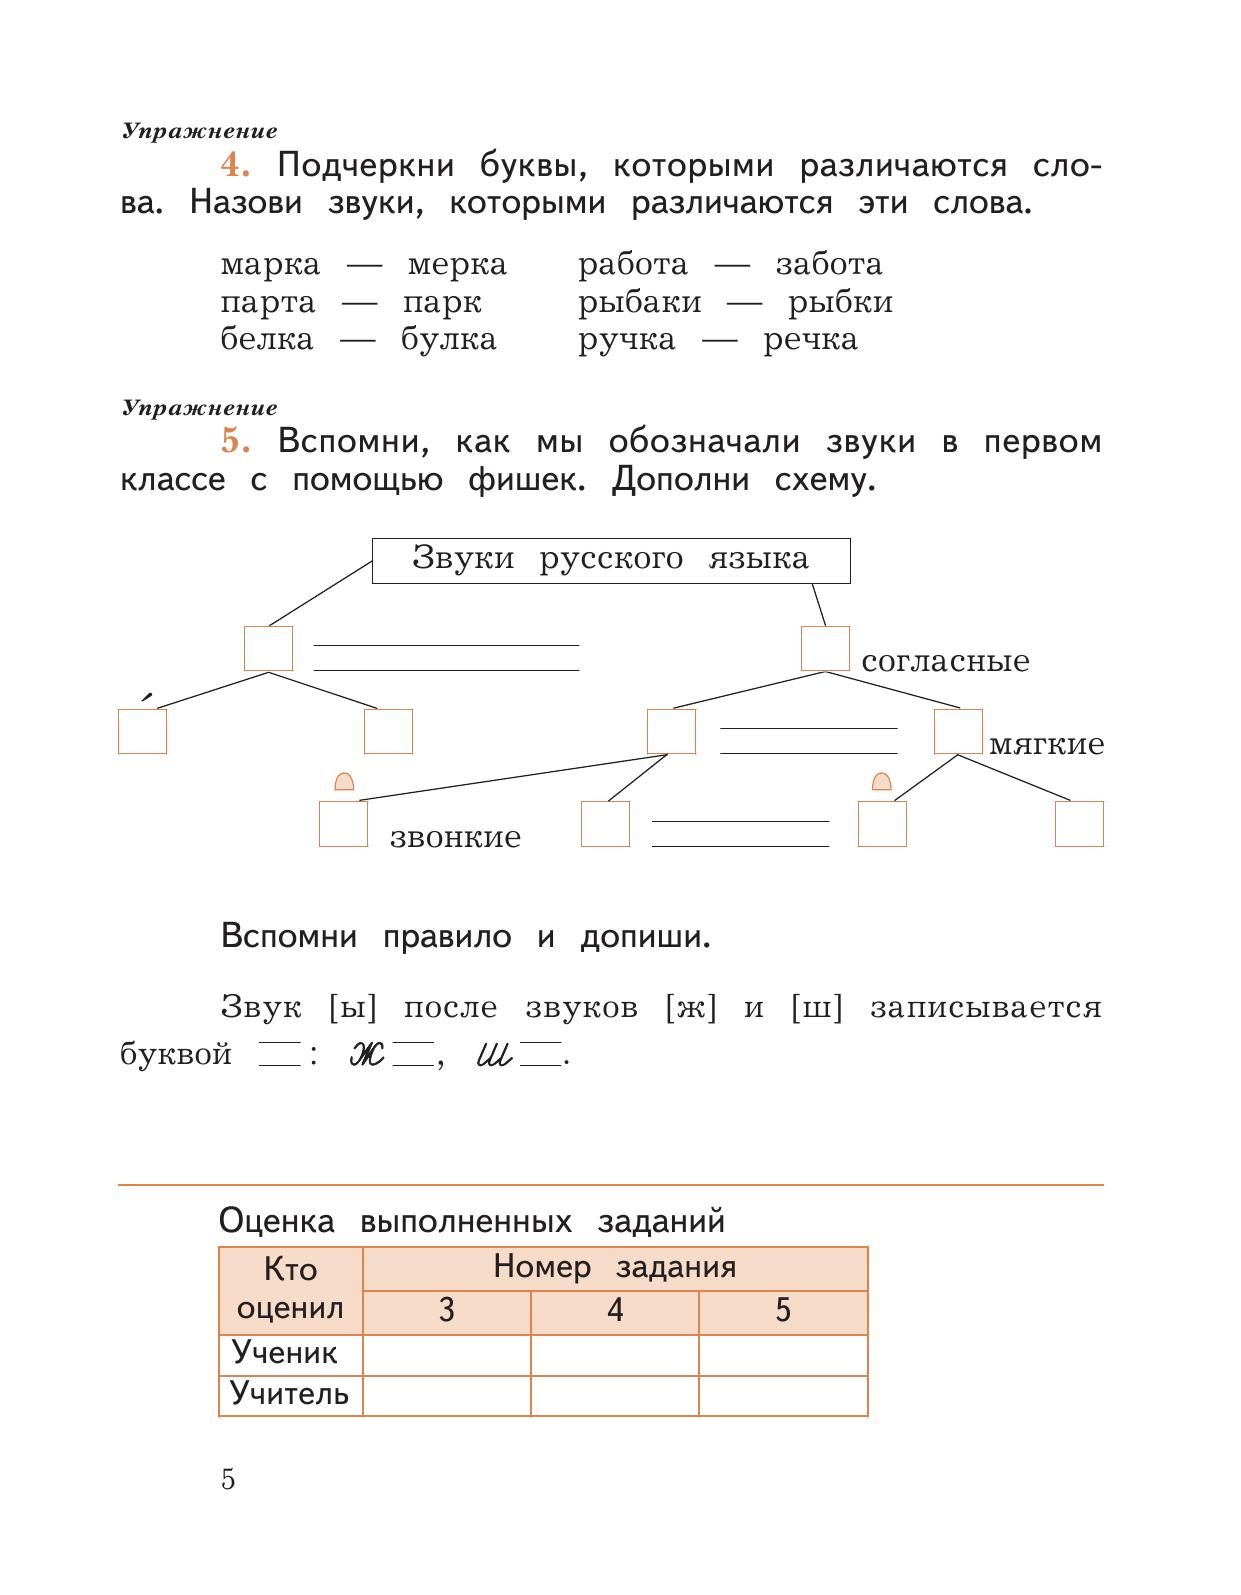 Гдз по русскому языку 2 класс кузнецова учись писать без ошибок